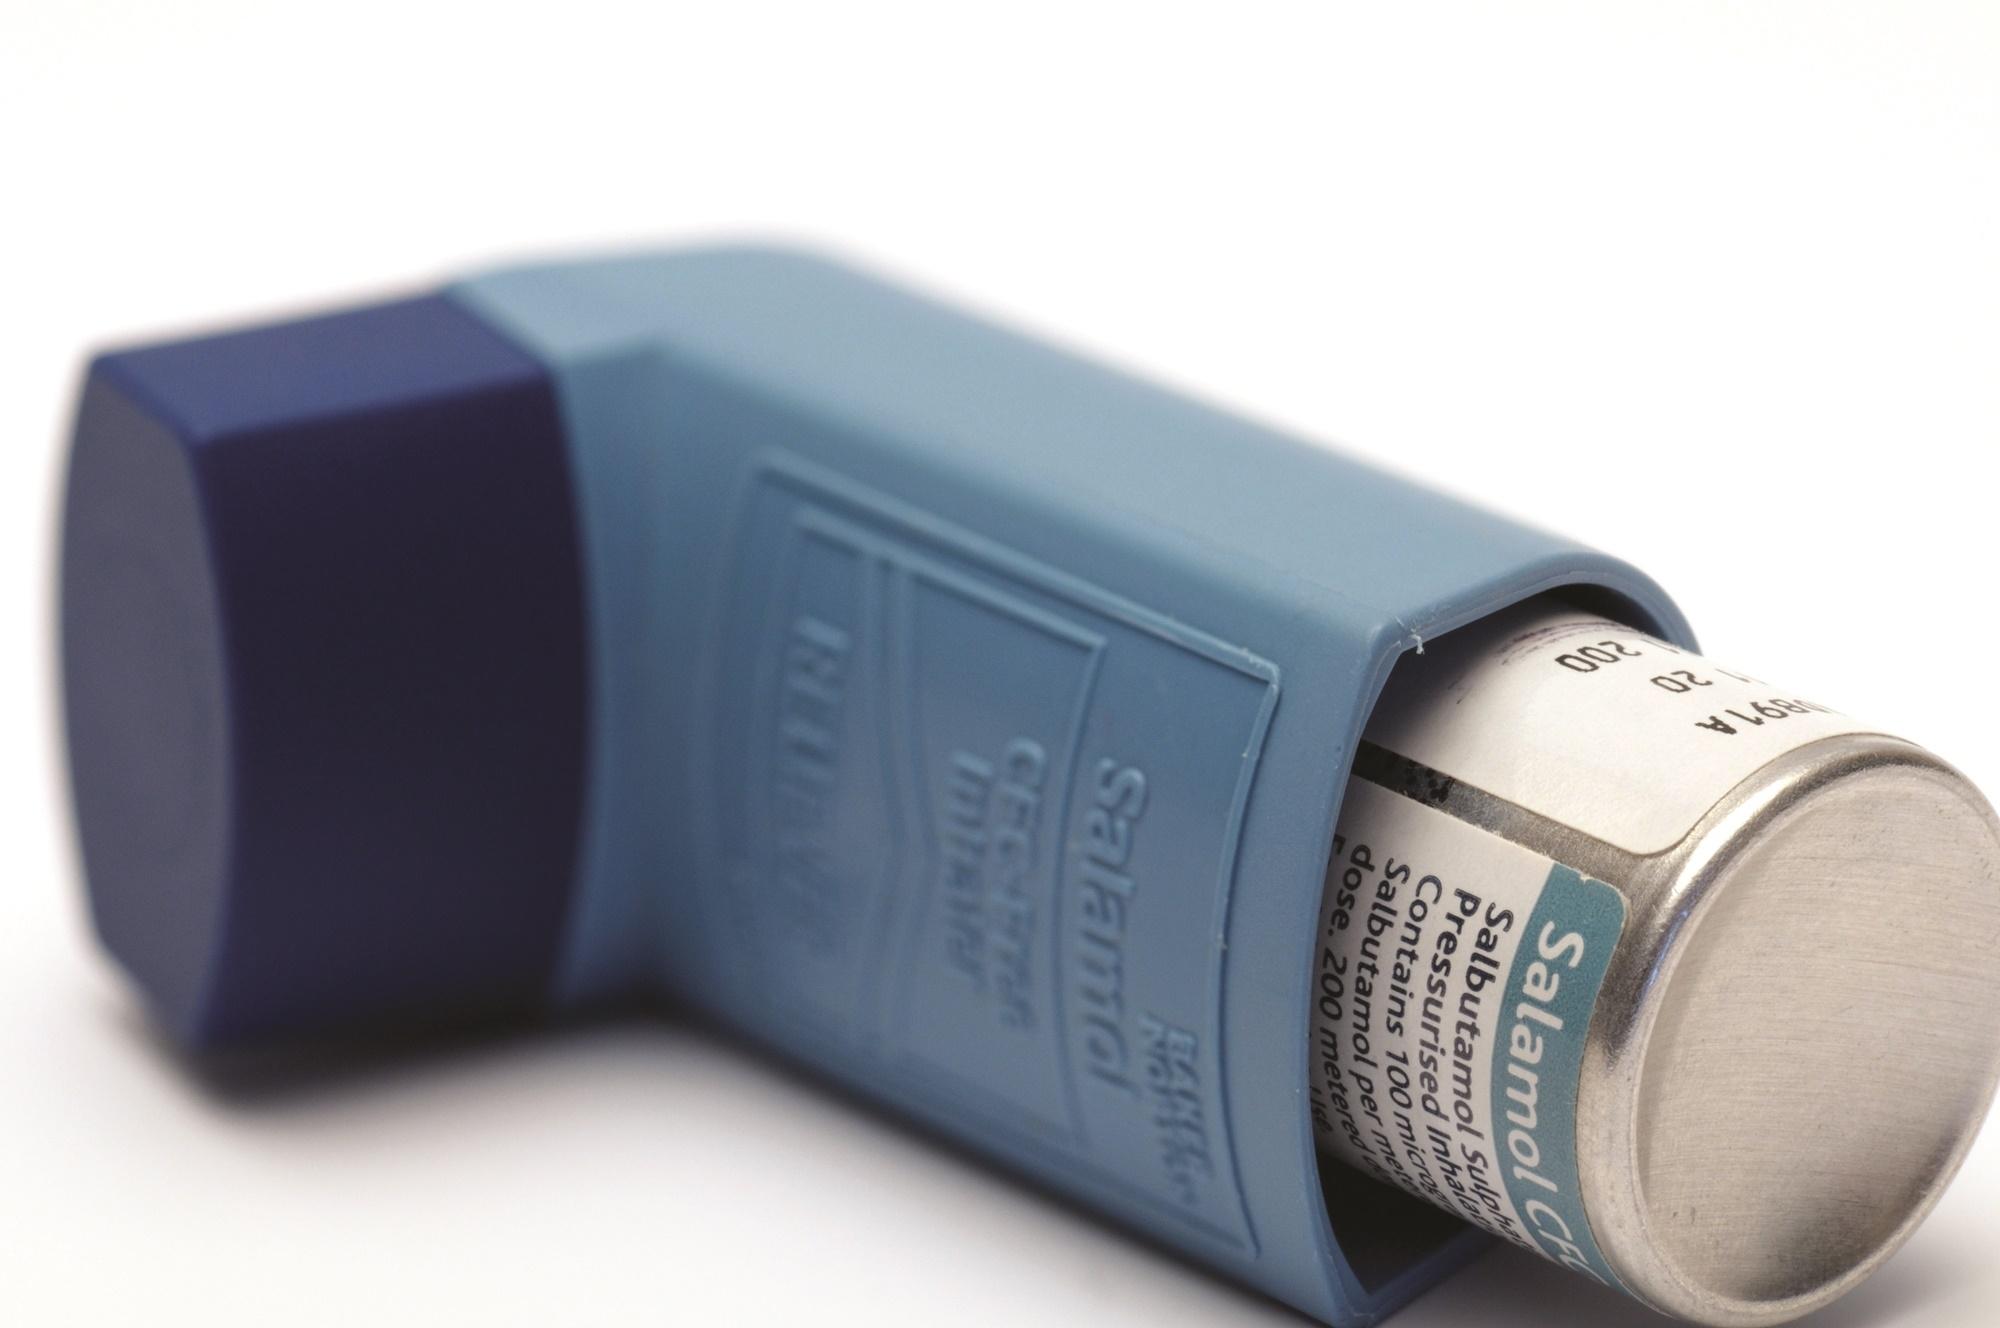 What-is-an-inhaler